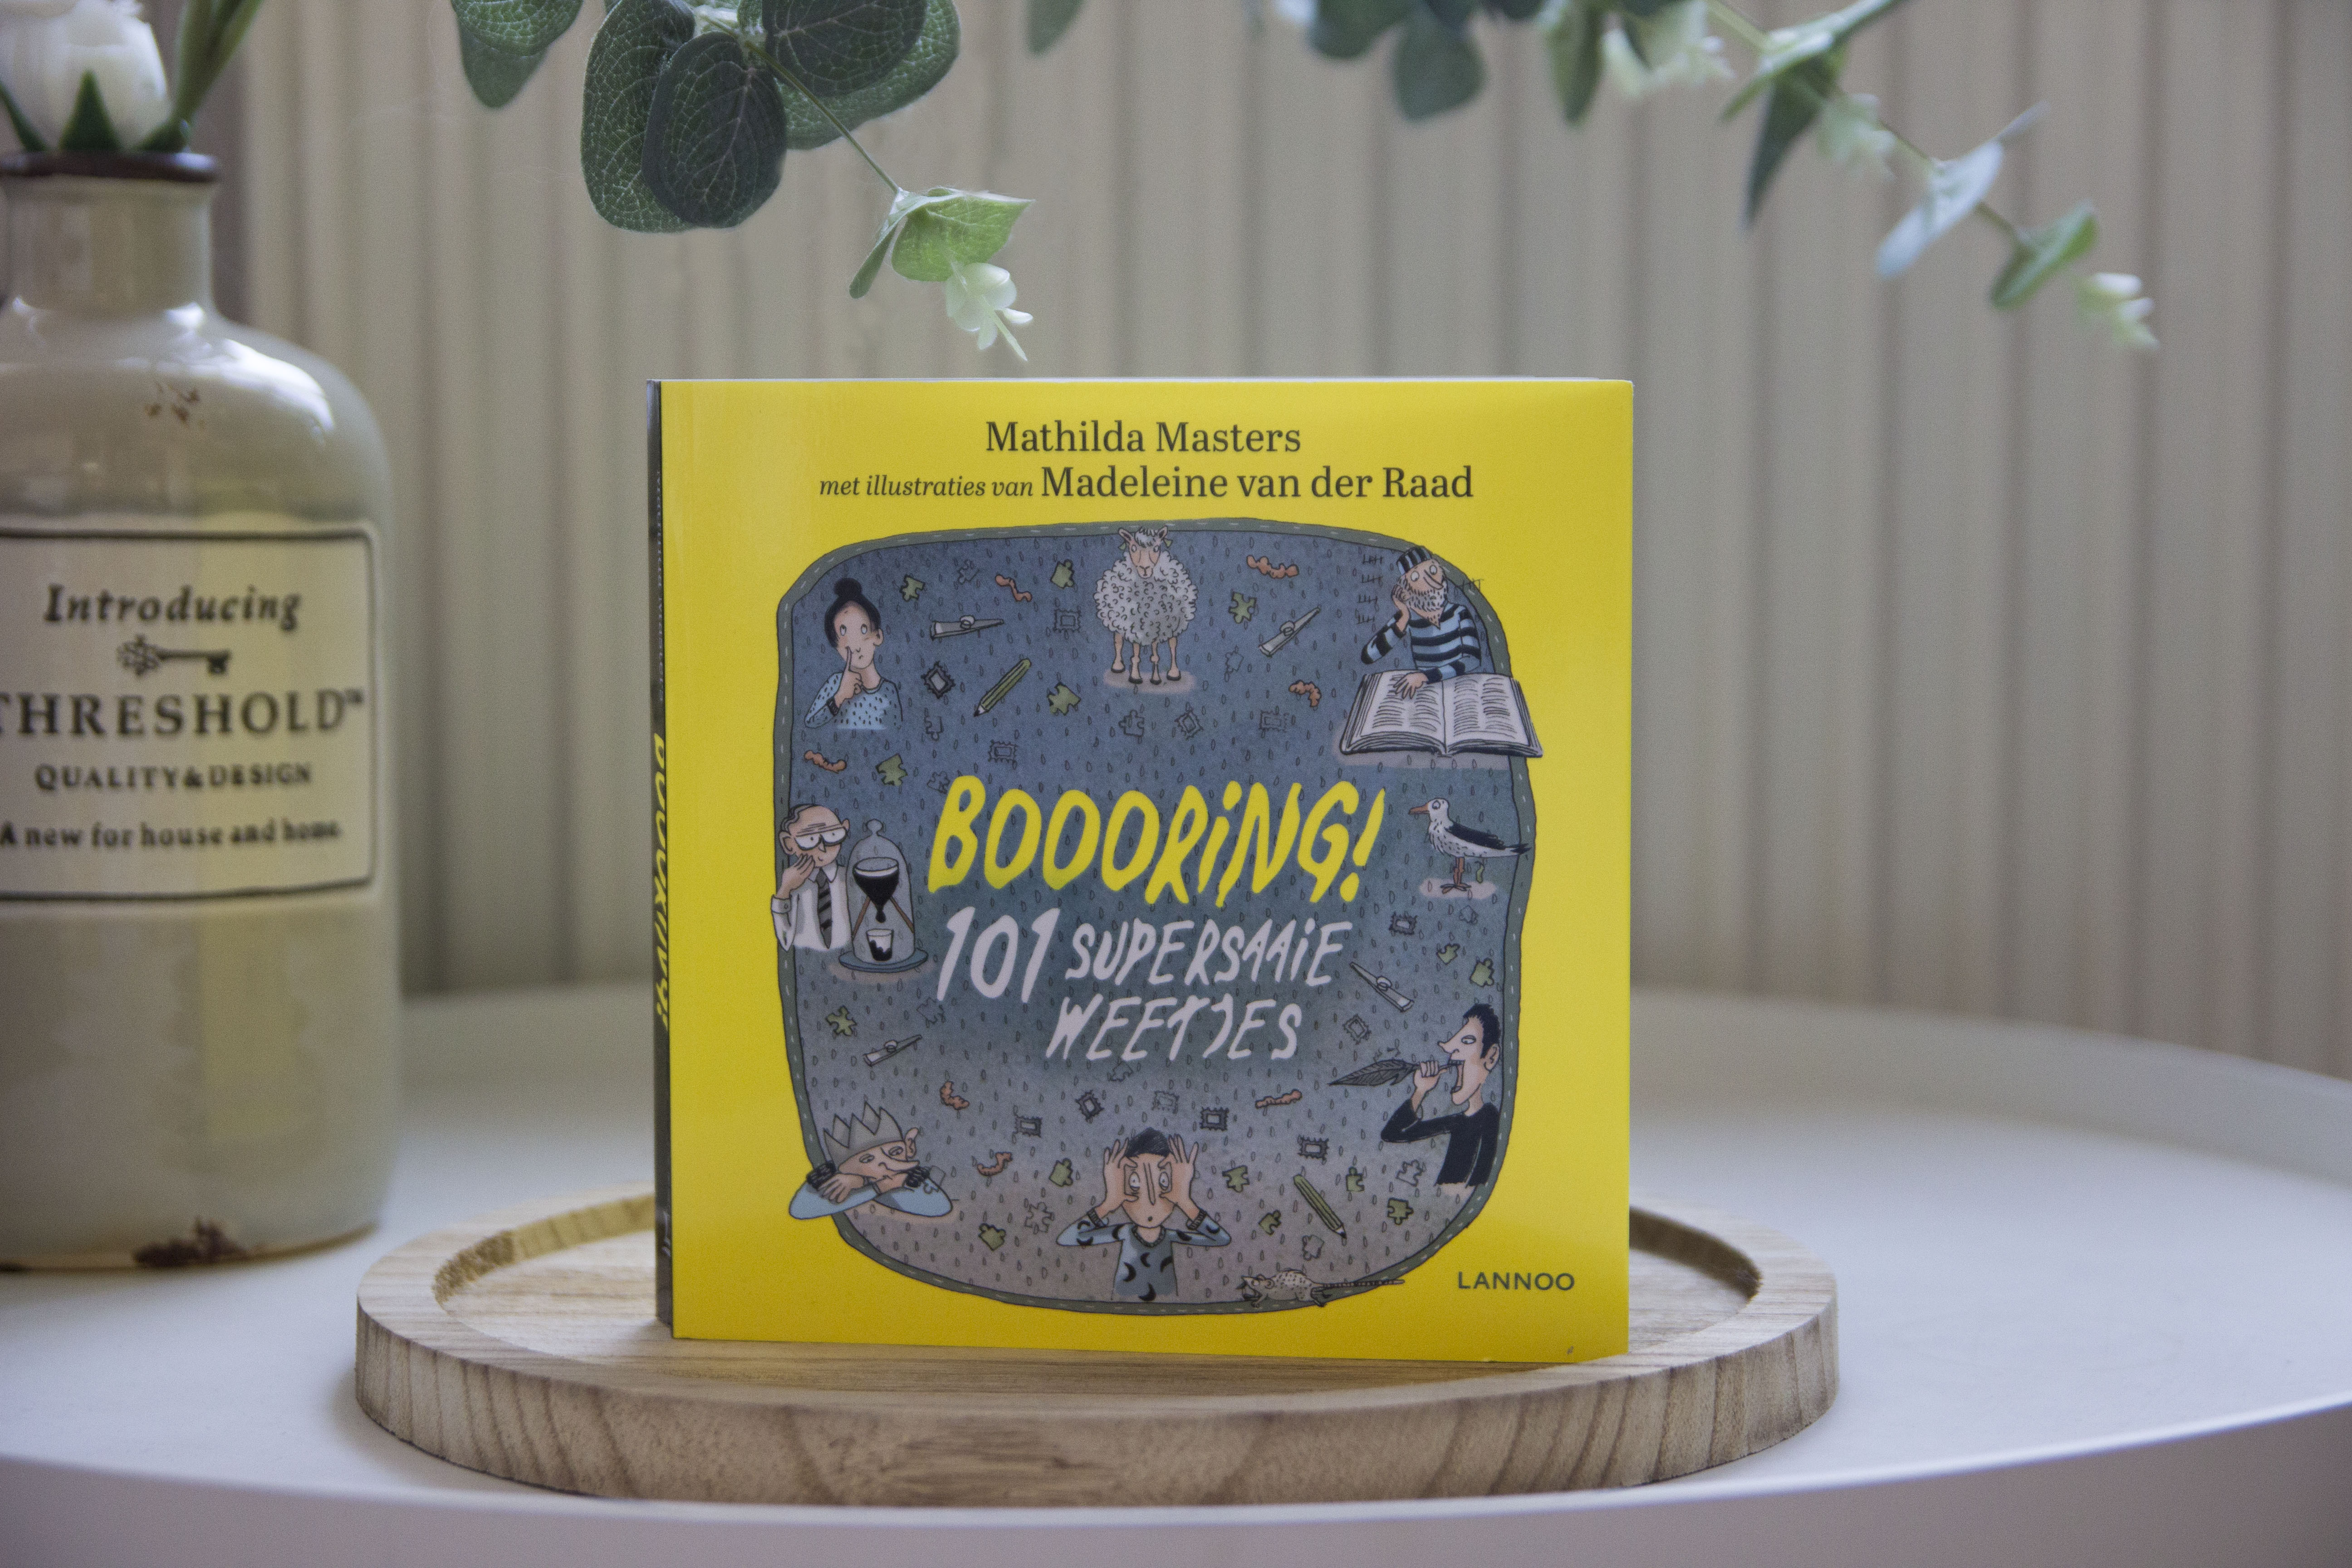 Recensie, Boooring! 101 supersaaie weetjes, Mathilda Masters